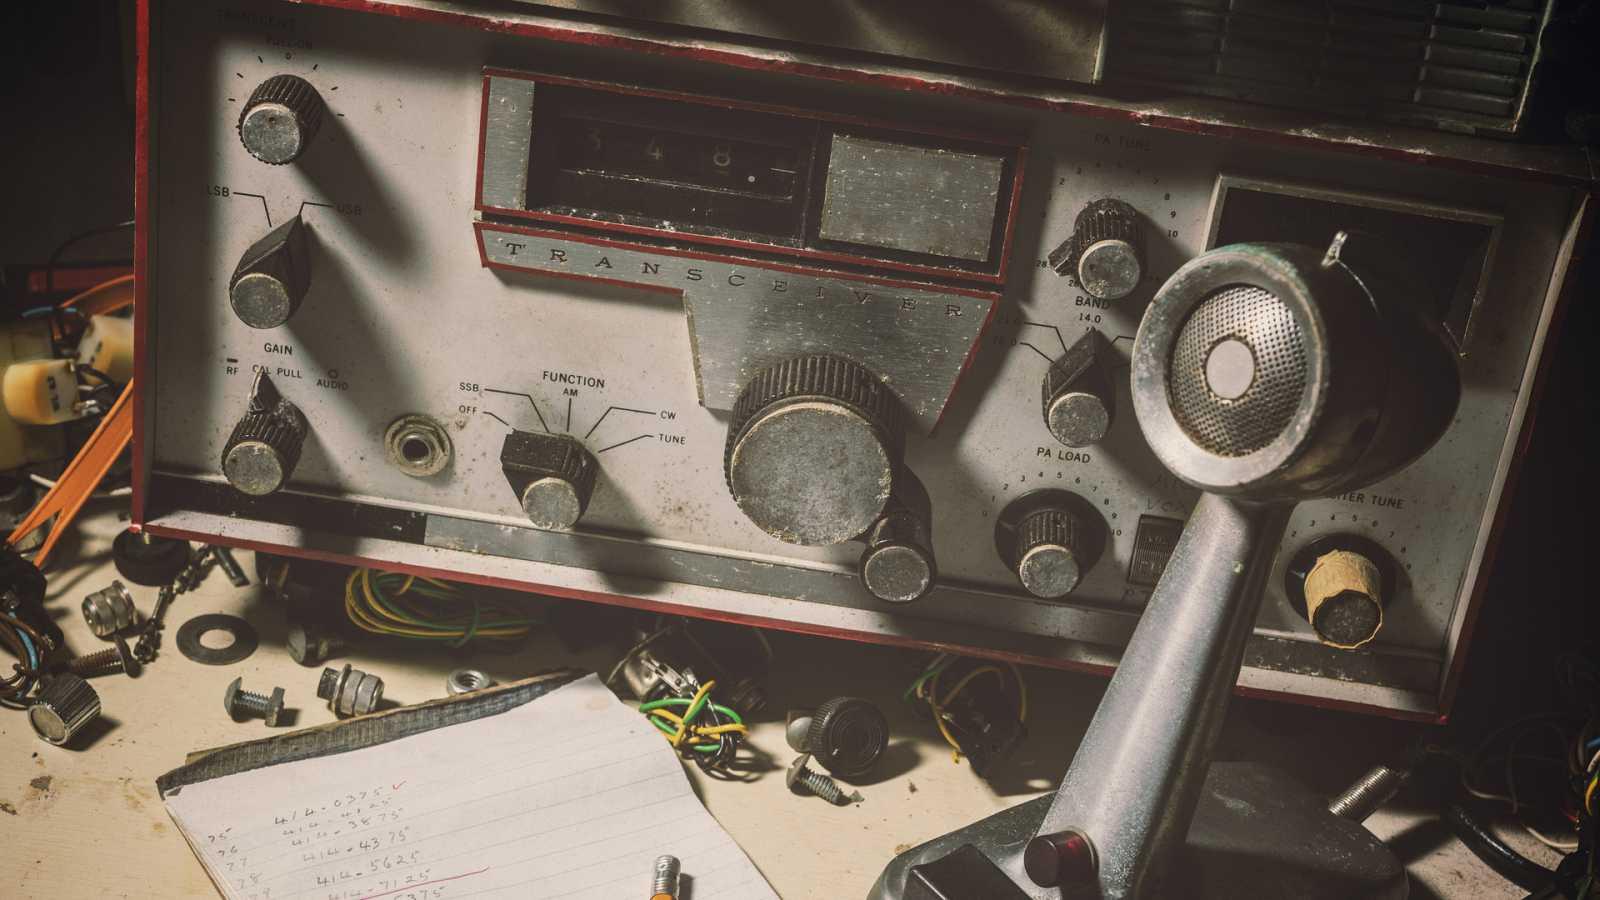 Por tres razones - Lo que la radio nos ha enseñado - 12/02/21 - escuchar ahora